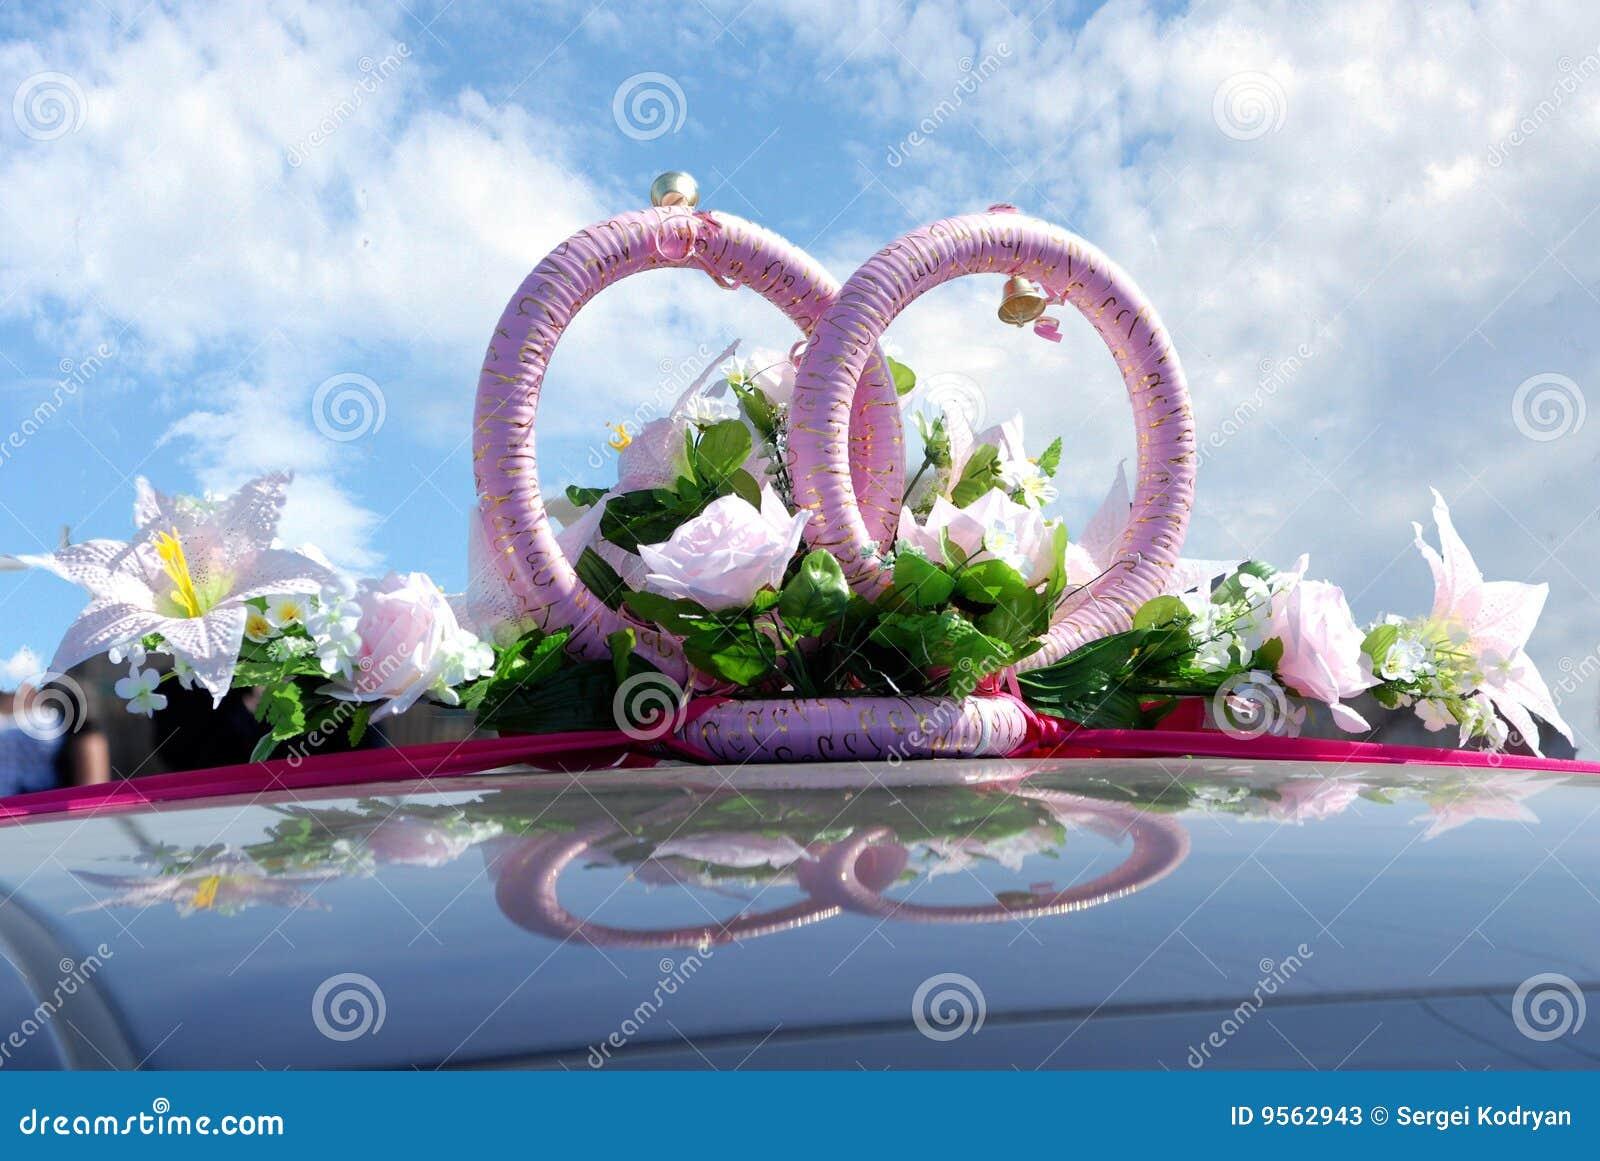 Nahaufnahme einer Hochzeitsdekoration von zwei Ringen und von Blumen ...